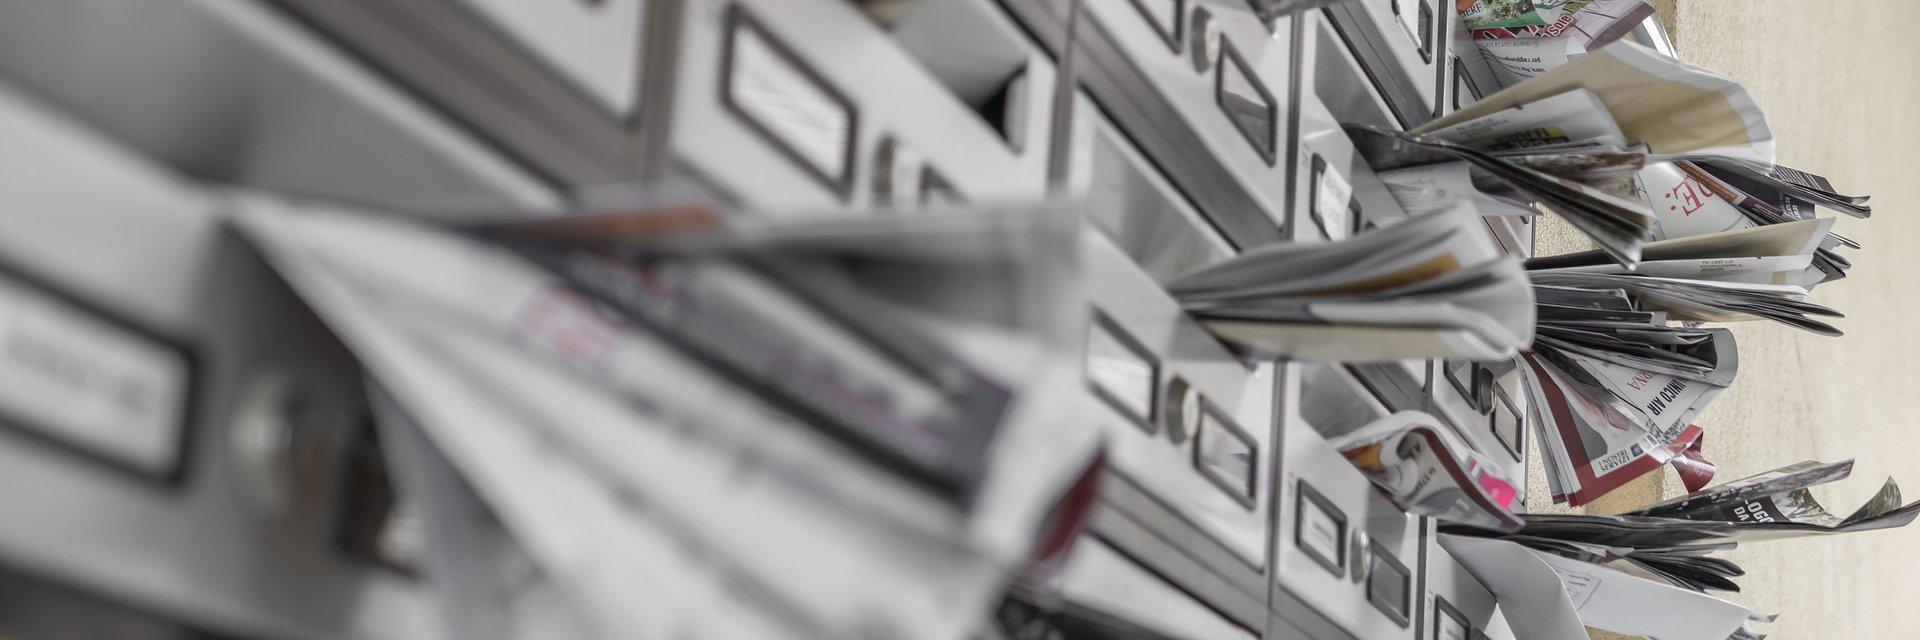 Wydawcy oszczędzają dzięki alternatywnej ofercie na wysyłkę prenumeraty